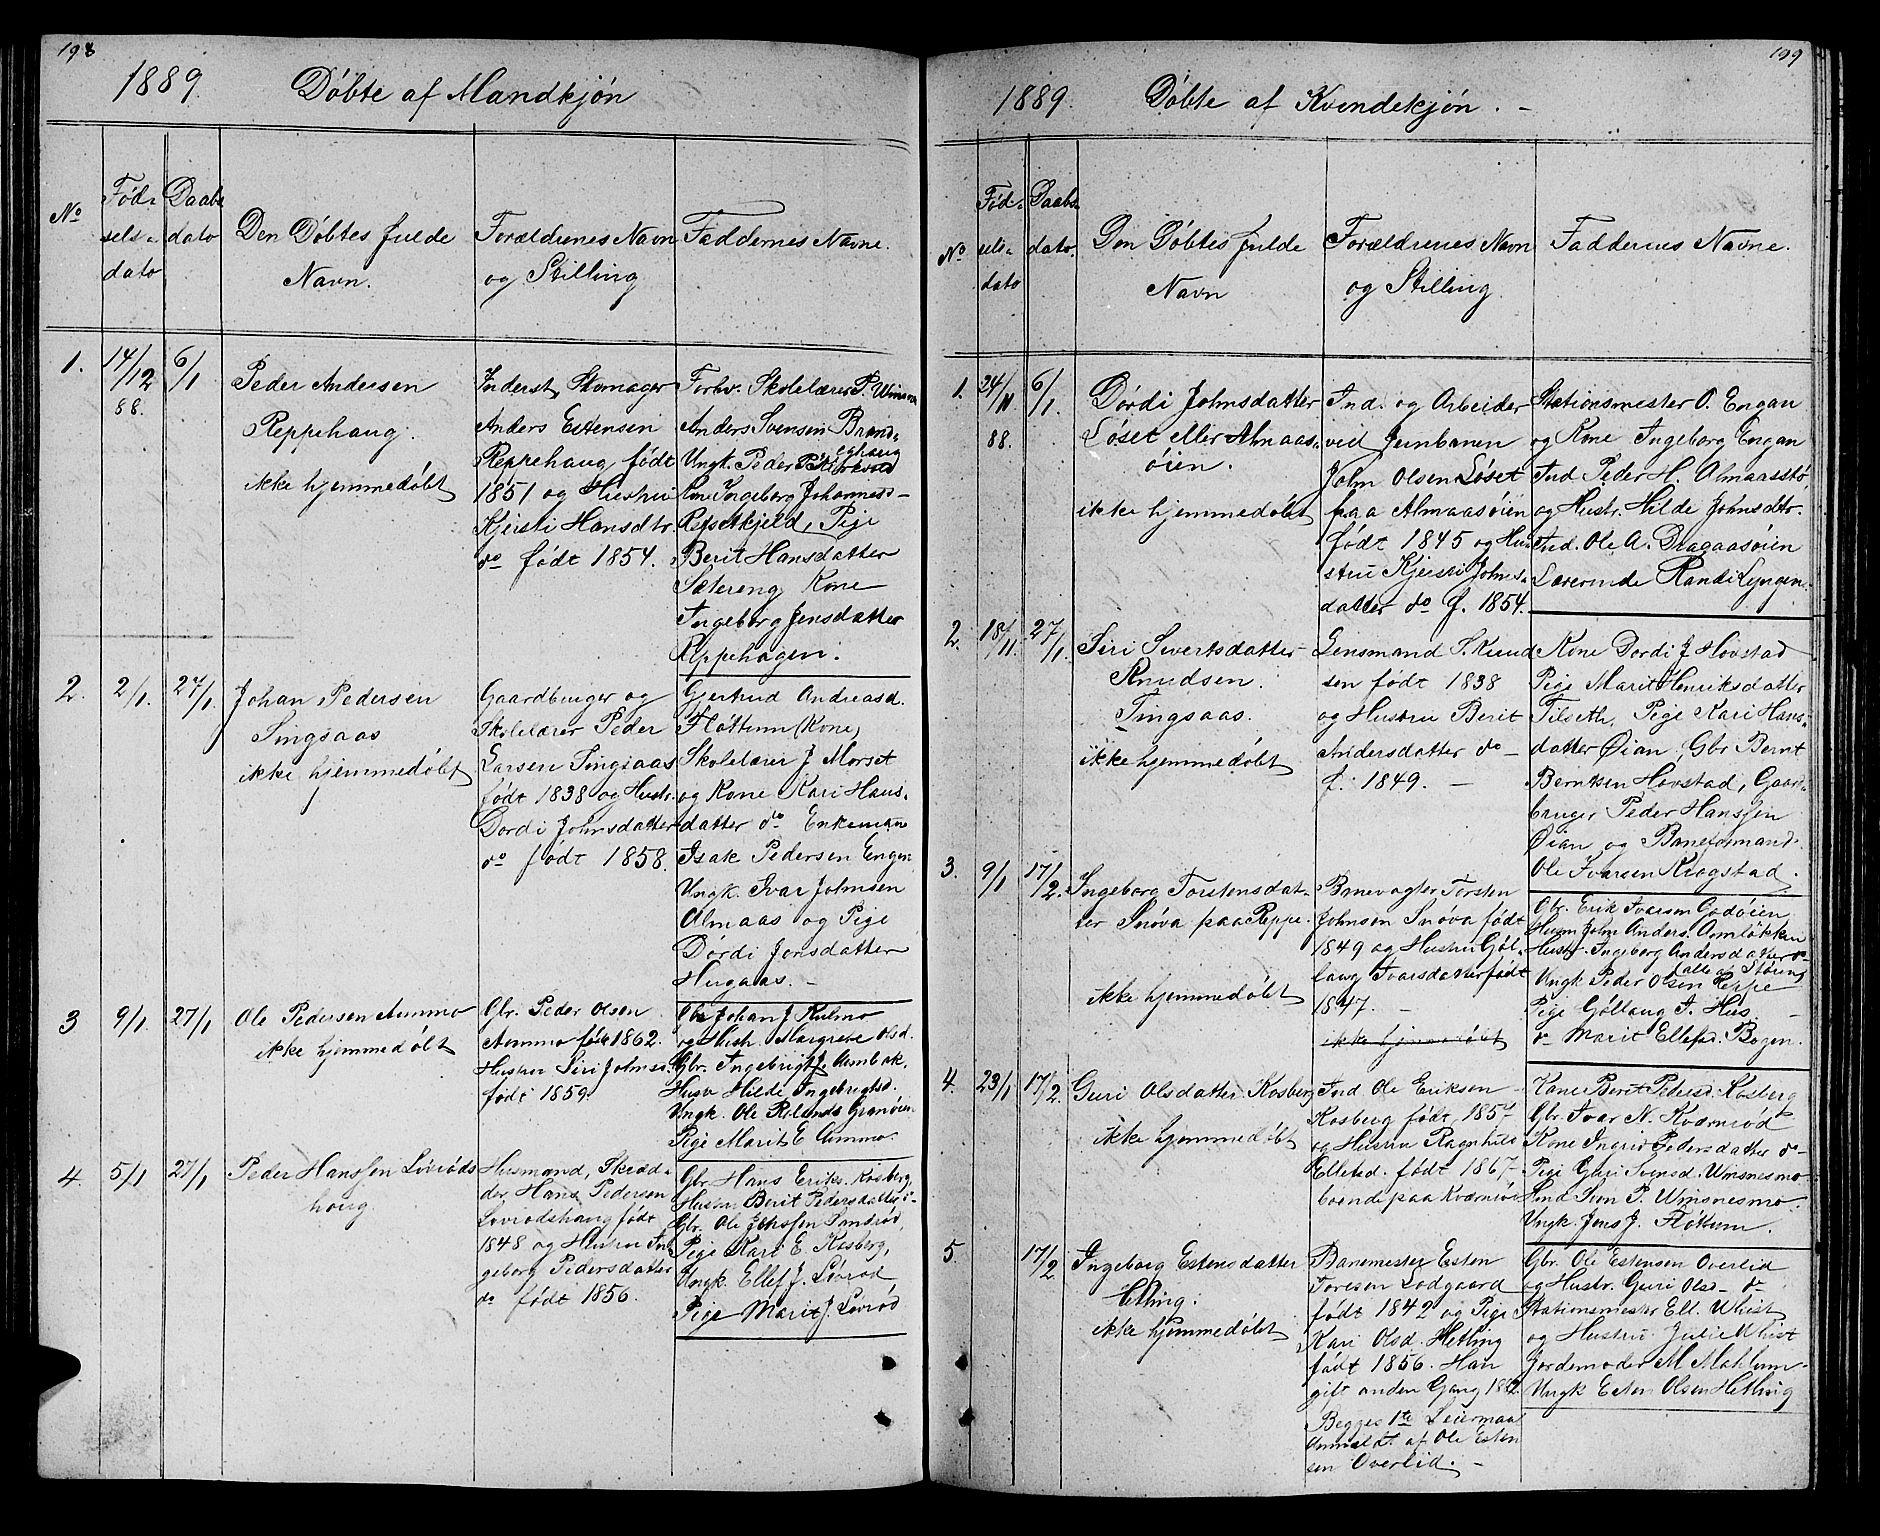 SAT, Ministerialprotokoller, klokkerbøker og fødselsregistre - Sør-Trøndelag, 688/L1027: Klokkerbok nr. 688C02, 1861-1889, s. 198-199